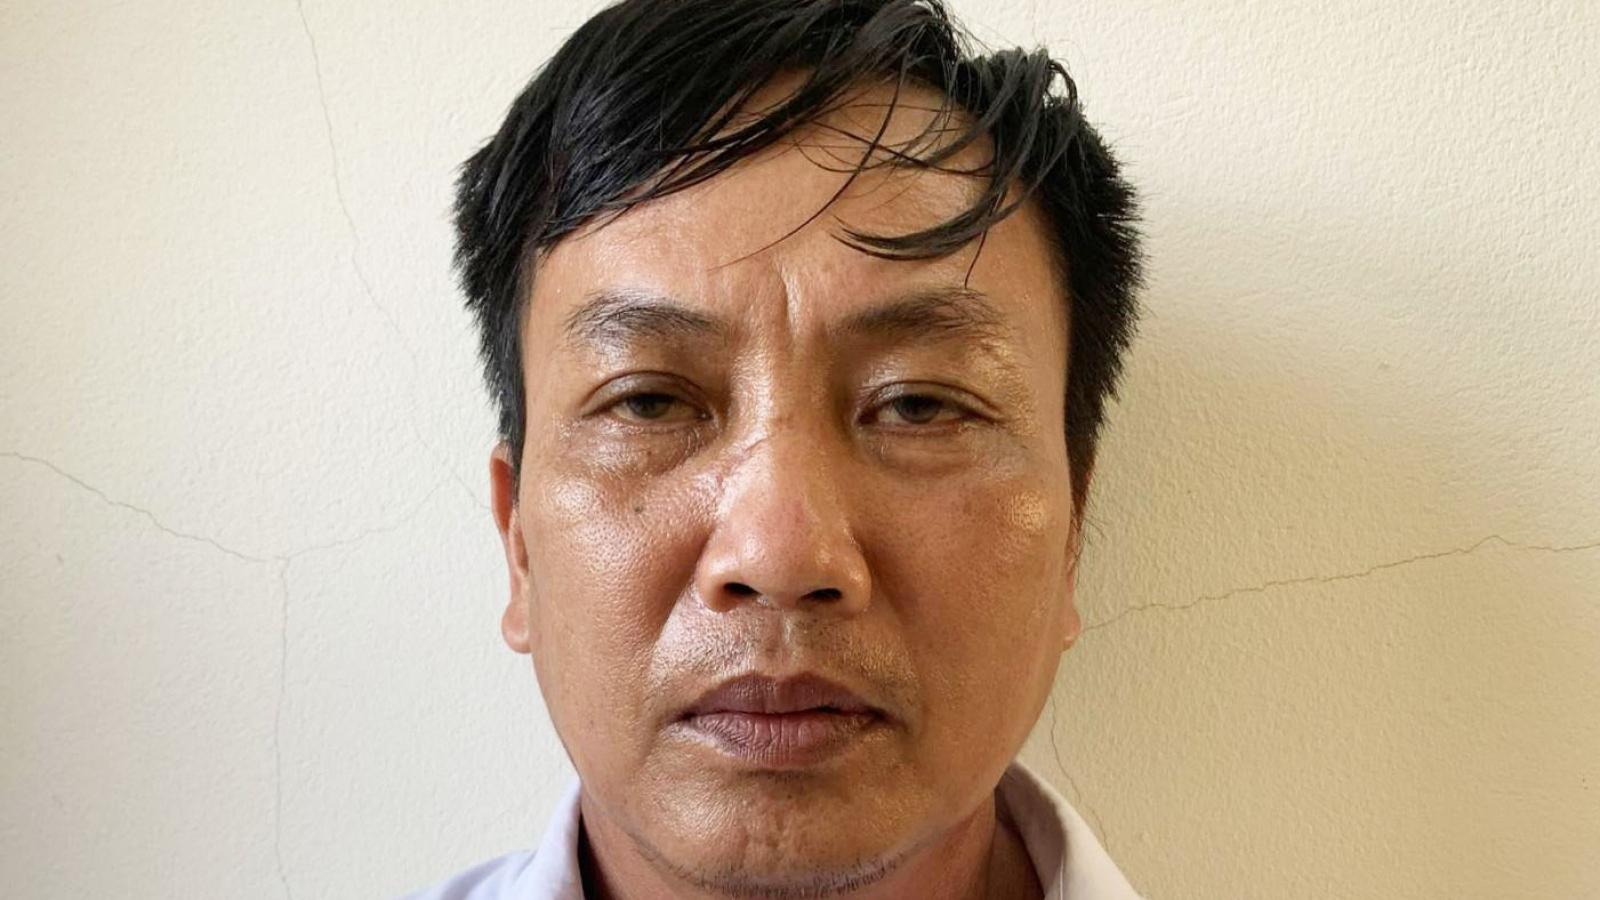 Đối tượng bị truy nã tội giết người sa lưới sau 34 năm lẩn trốn